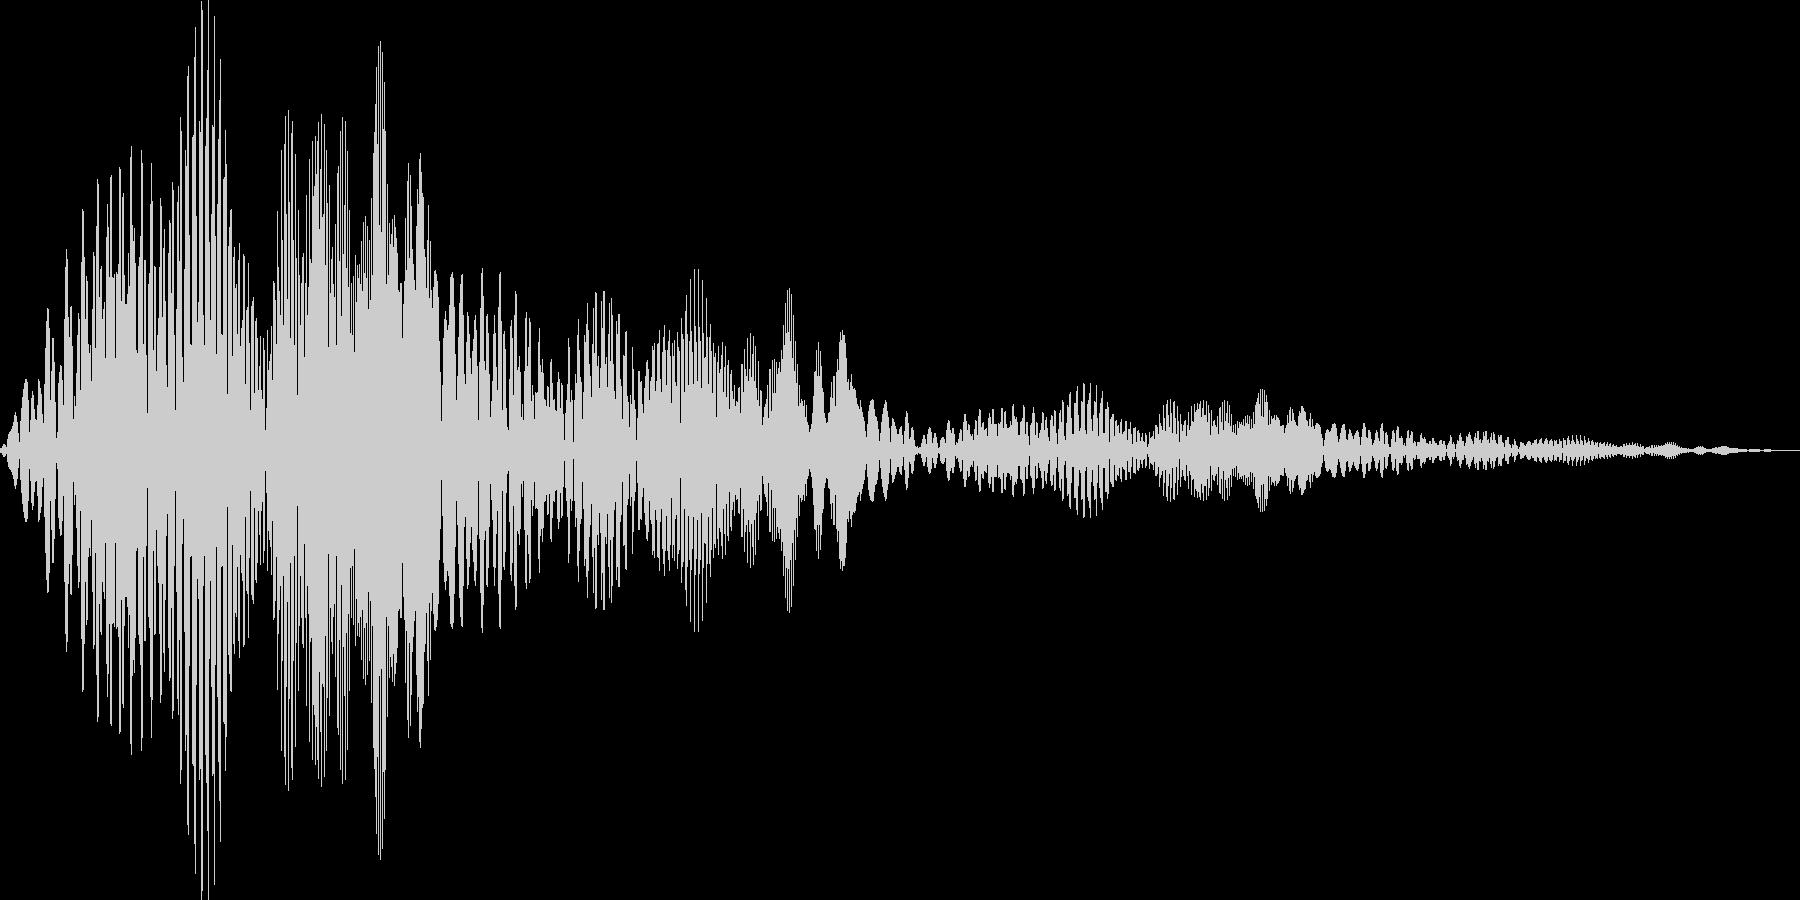 ボワボワ(ワープ ビーム ちからため)の未再生の波形